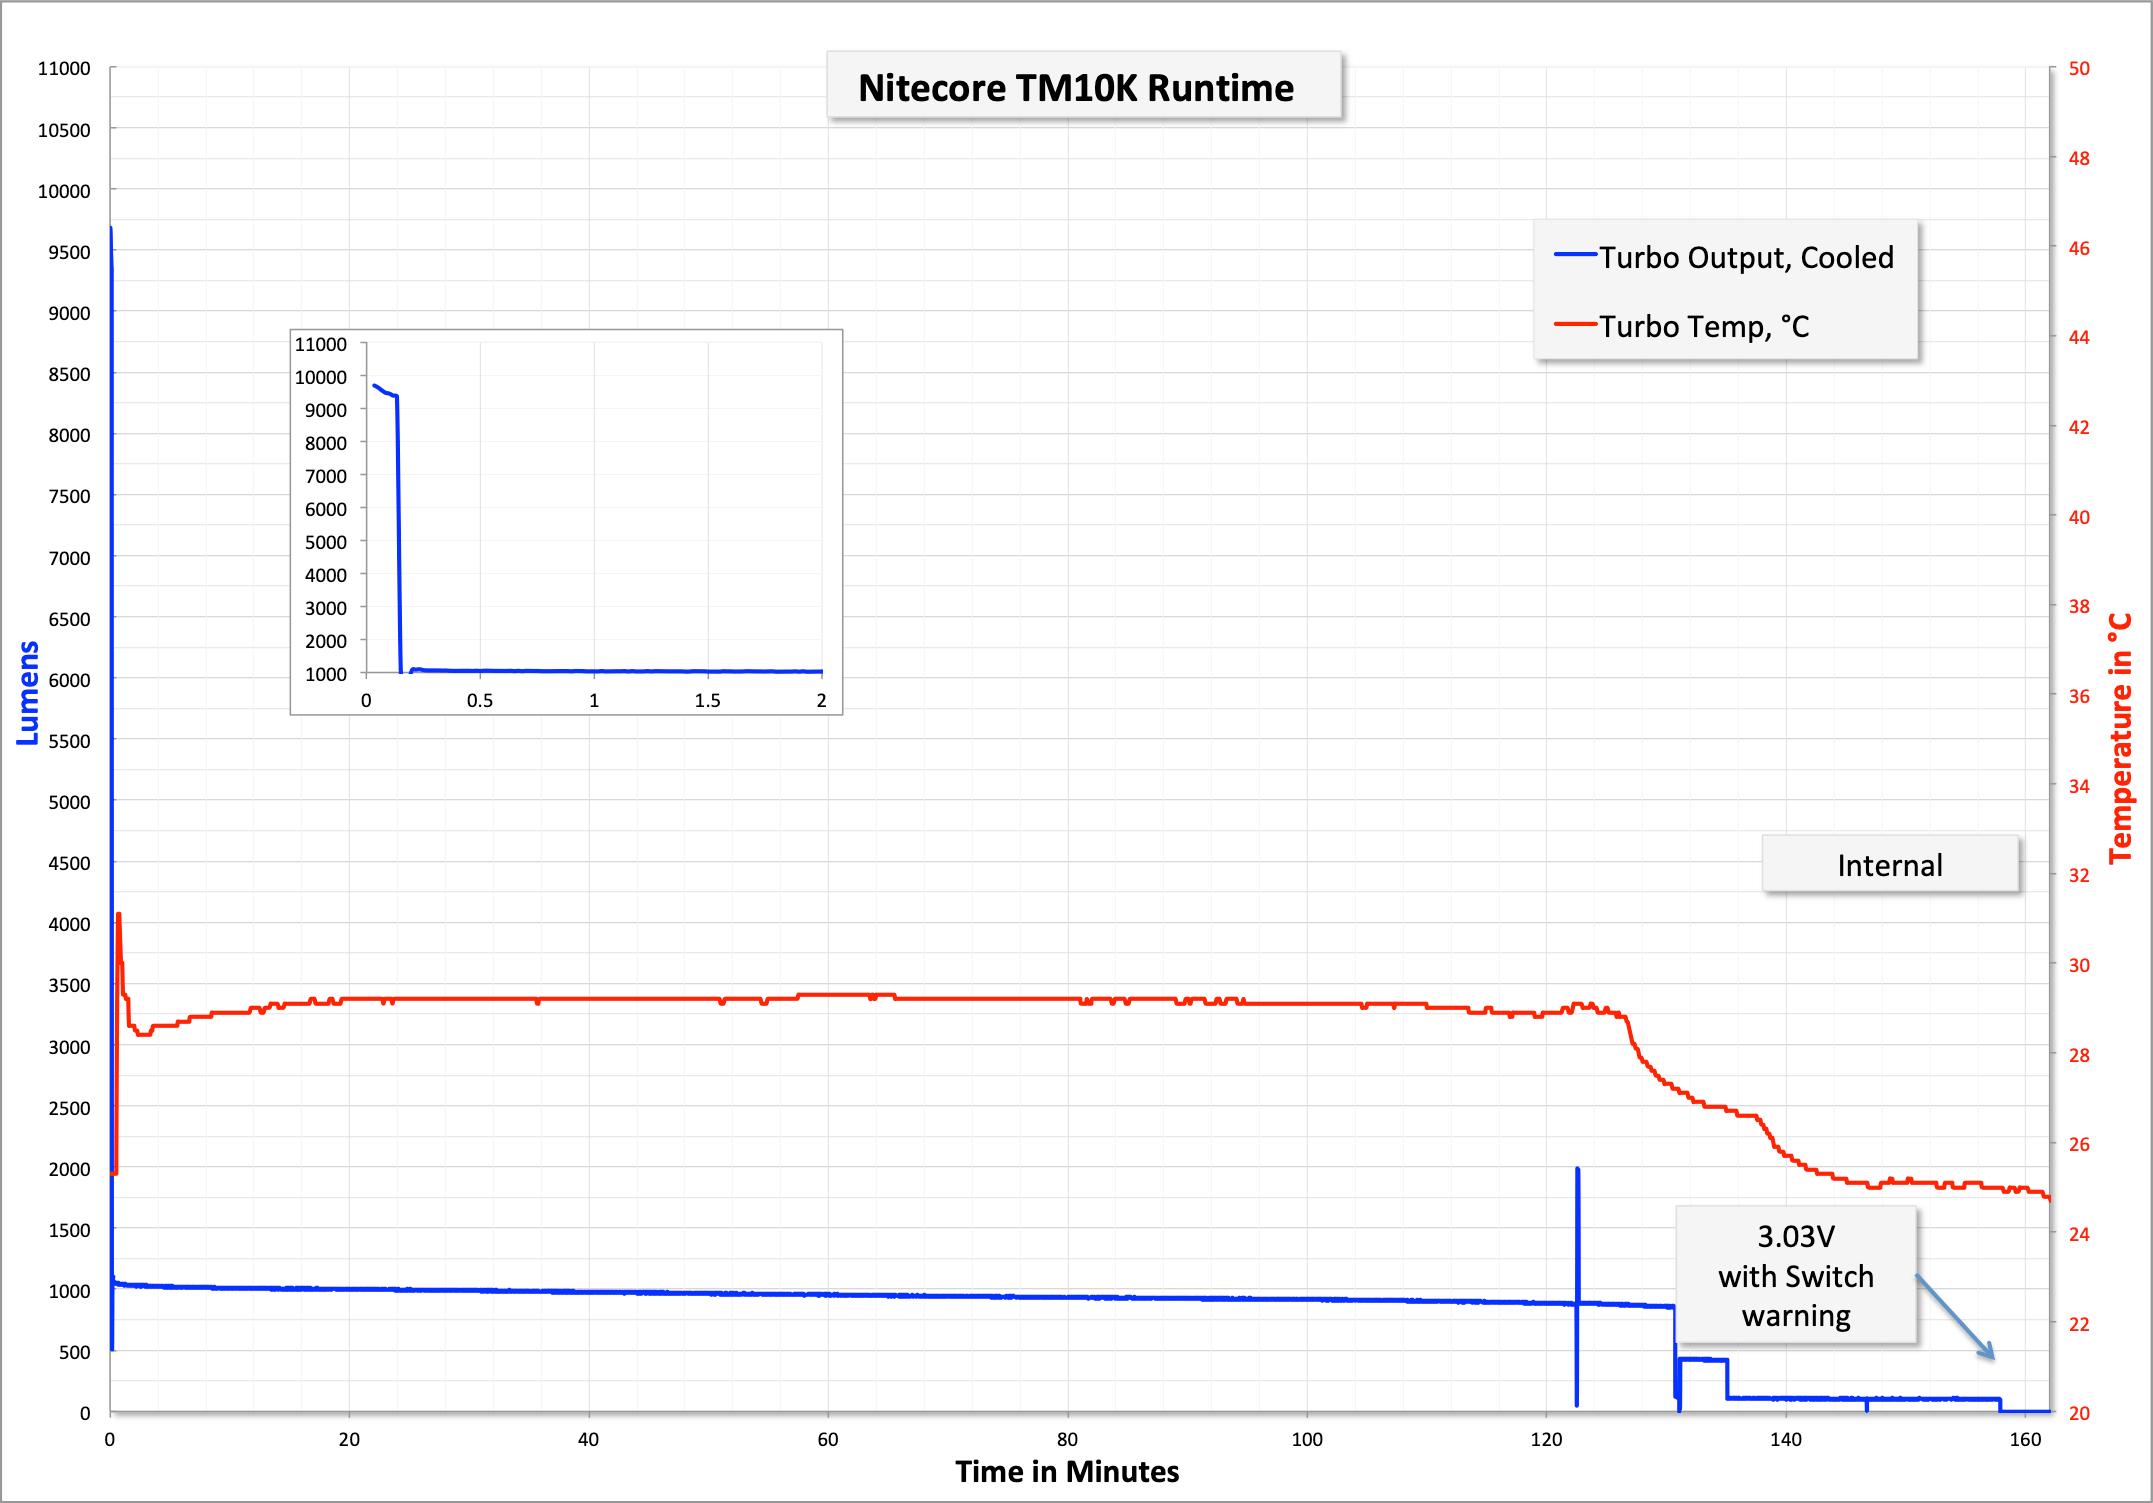 64_zeroair_reviews_nitecore_tm10k.png